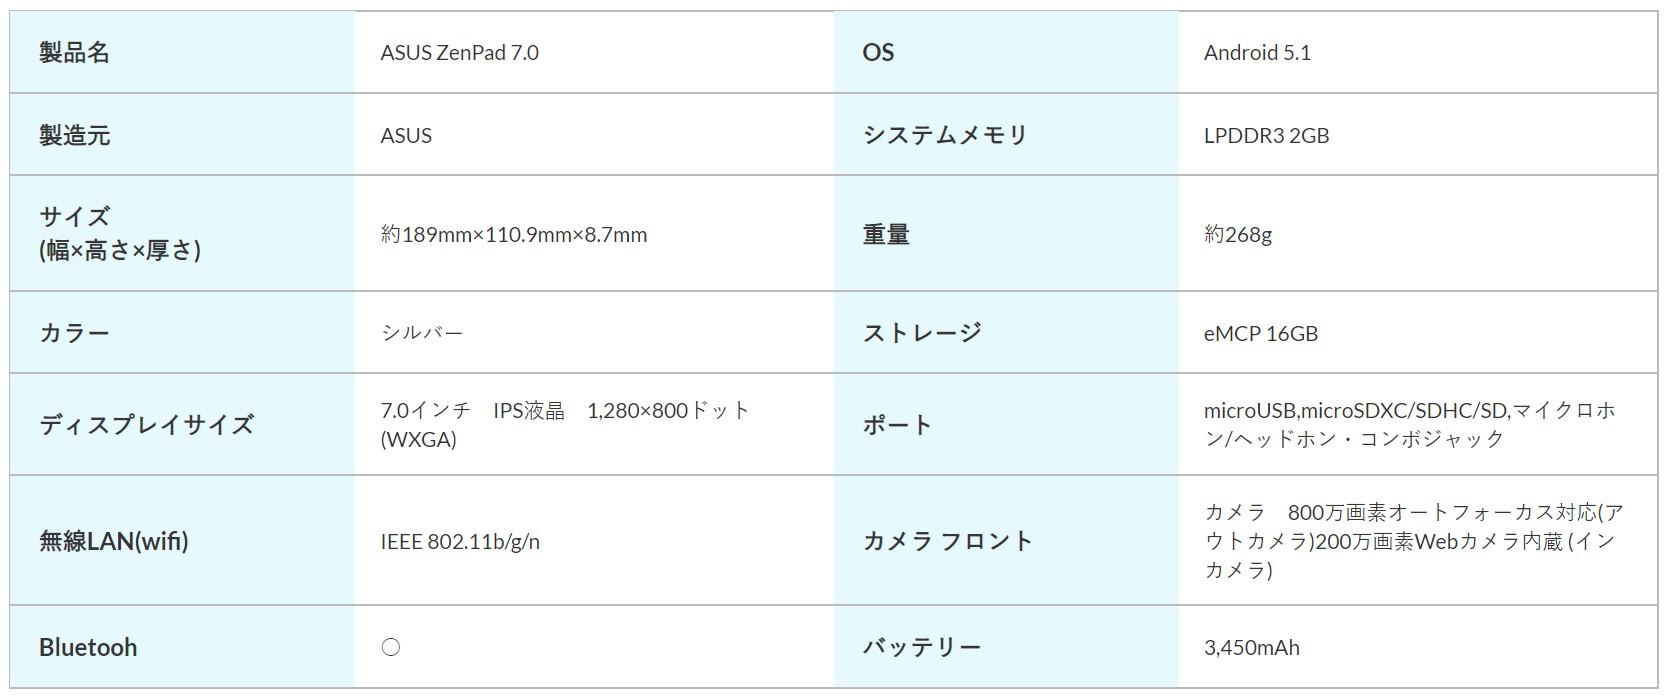 ASUS ZenPad 7.0 スペック